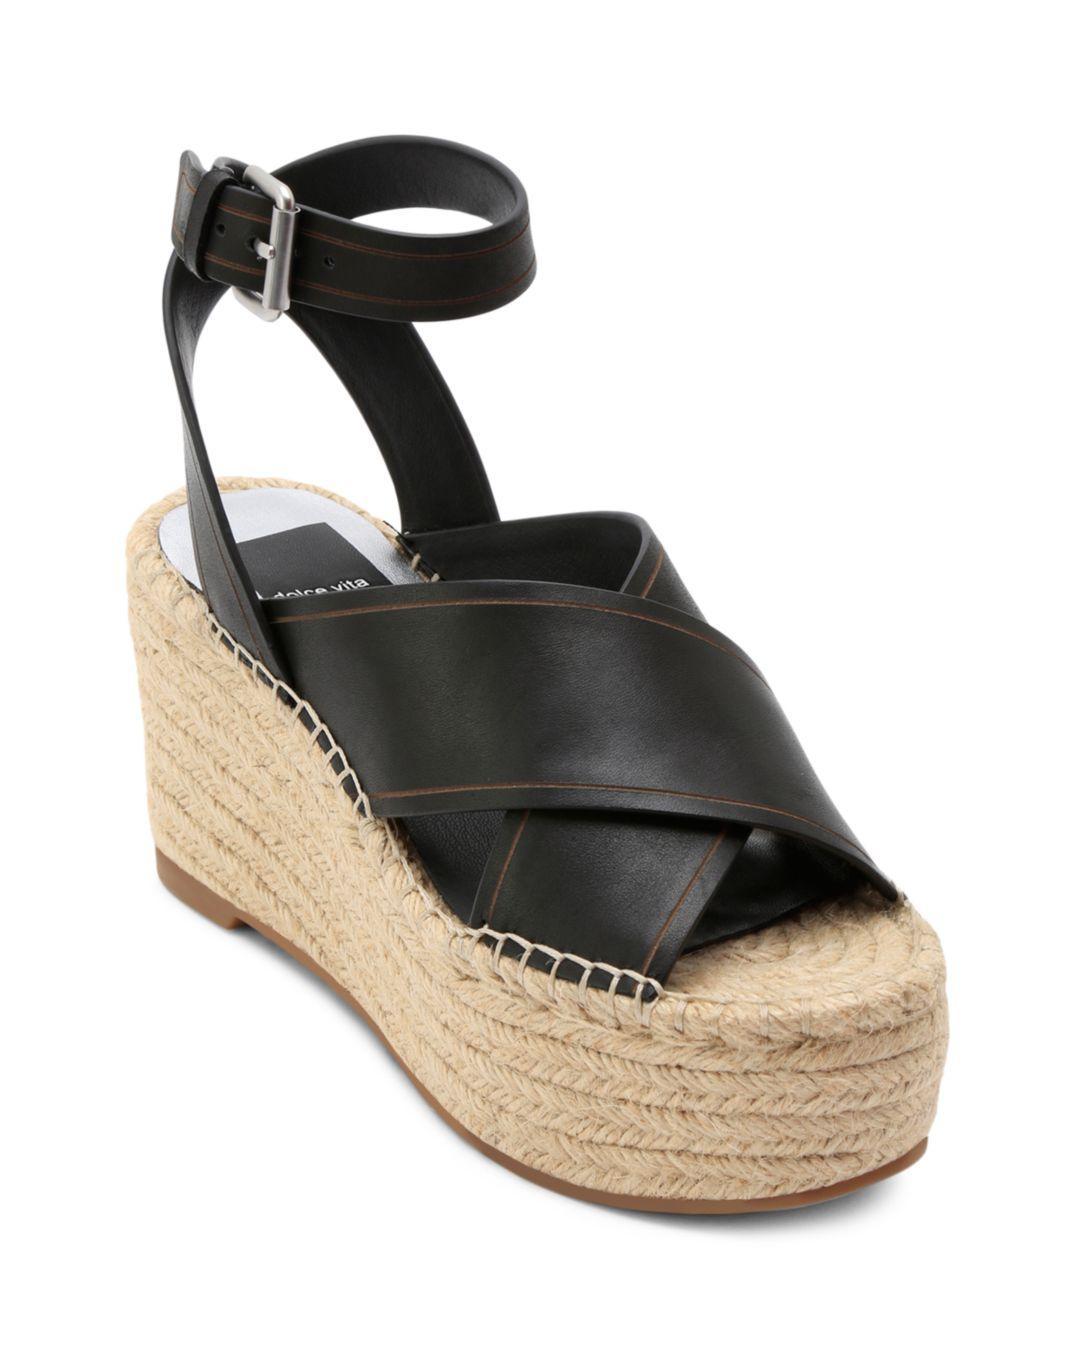 5aa19f72f34 Lyst - Dolce Vita Women s Carsie Platform Espadrille Sandals in Black